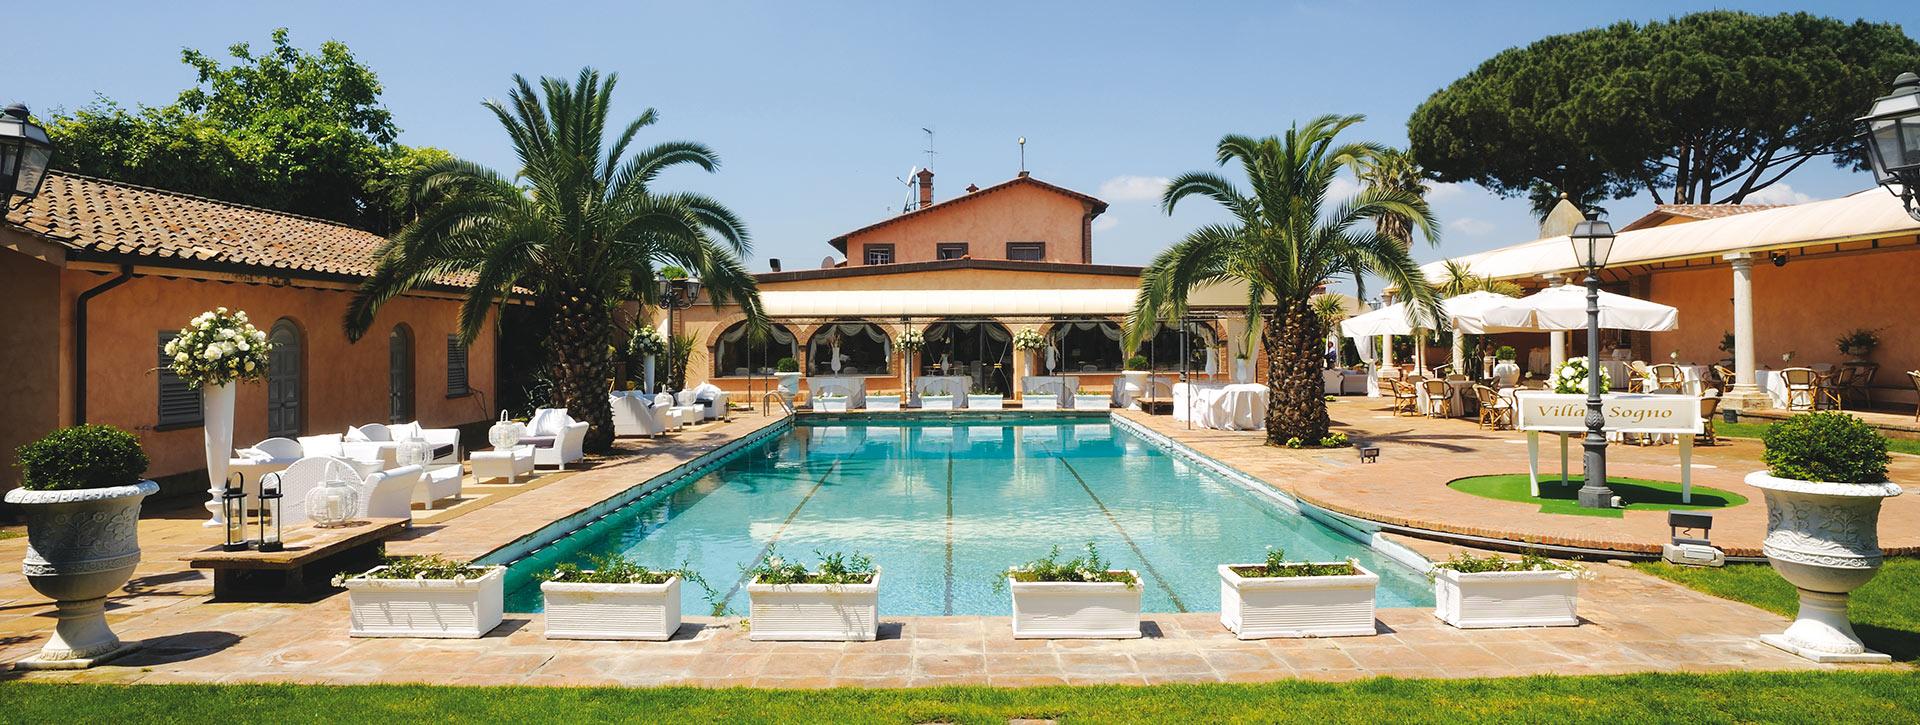 Splendida location con ristorante per matrimoni ai - Piscina castelli romani ...